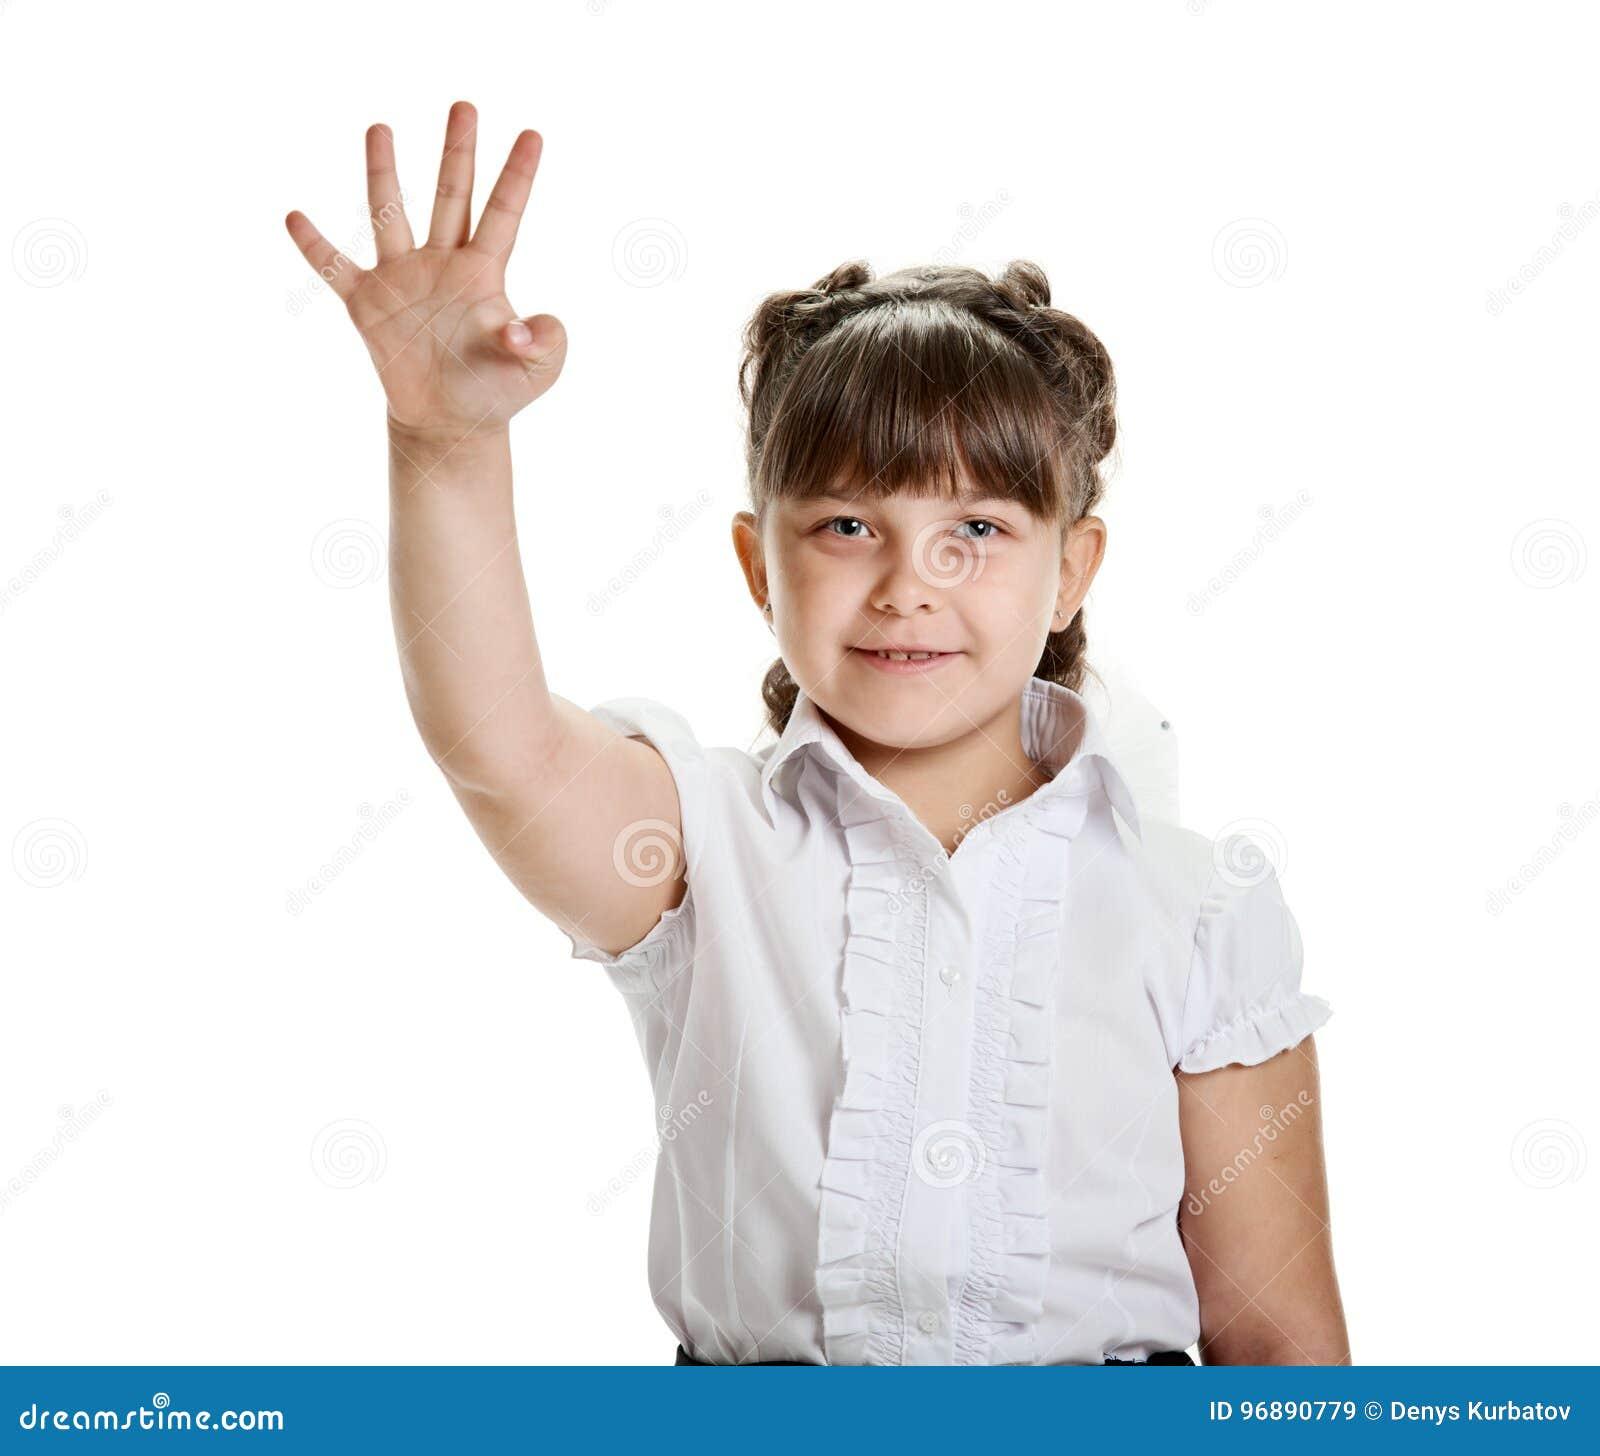 δάχτυλα τέσσερα που εμφανίζουν